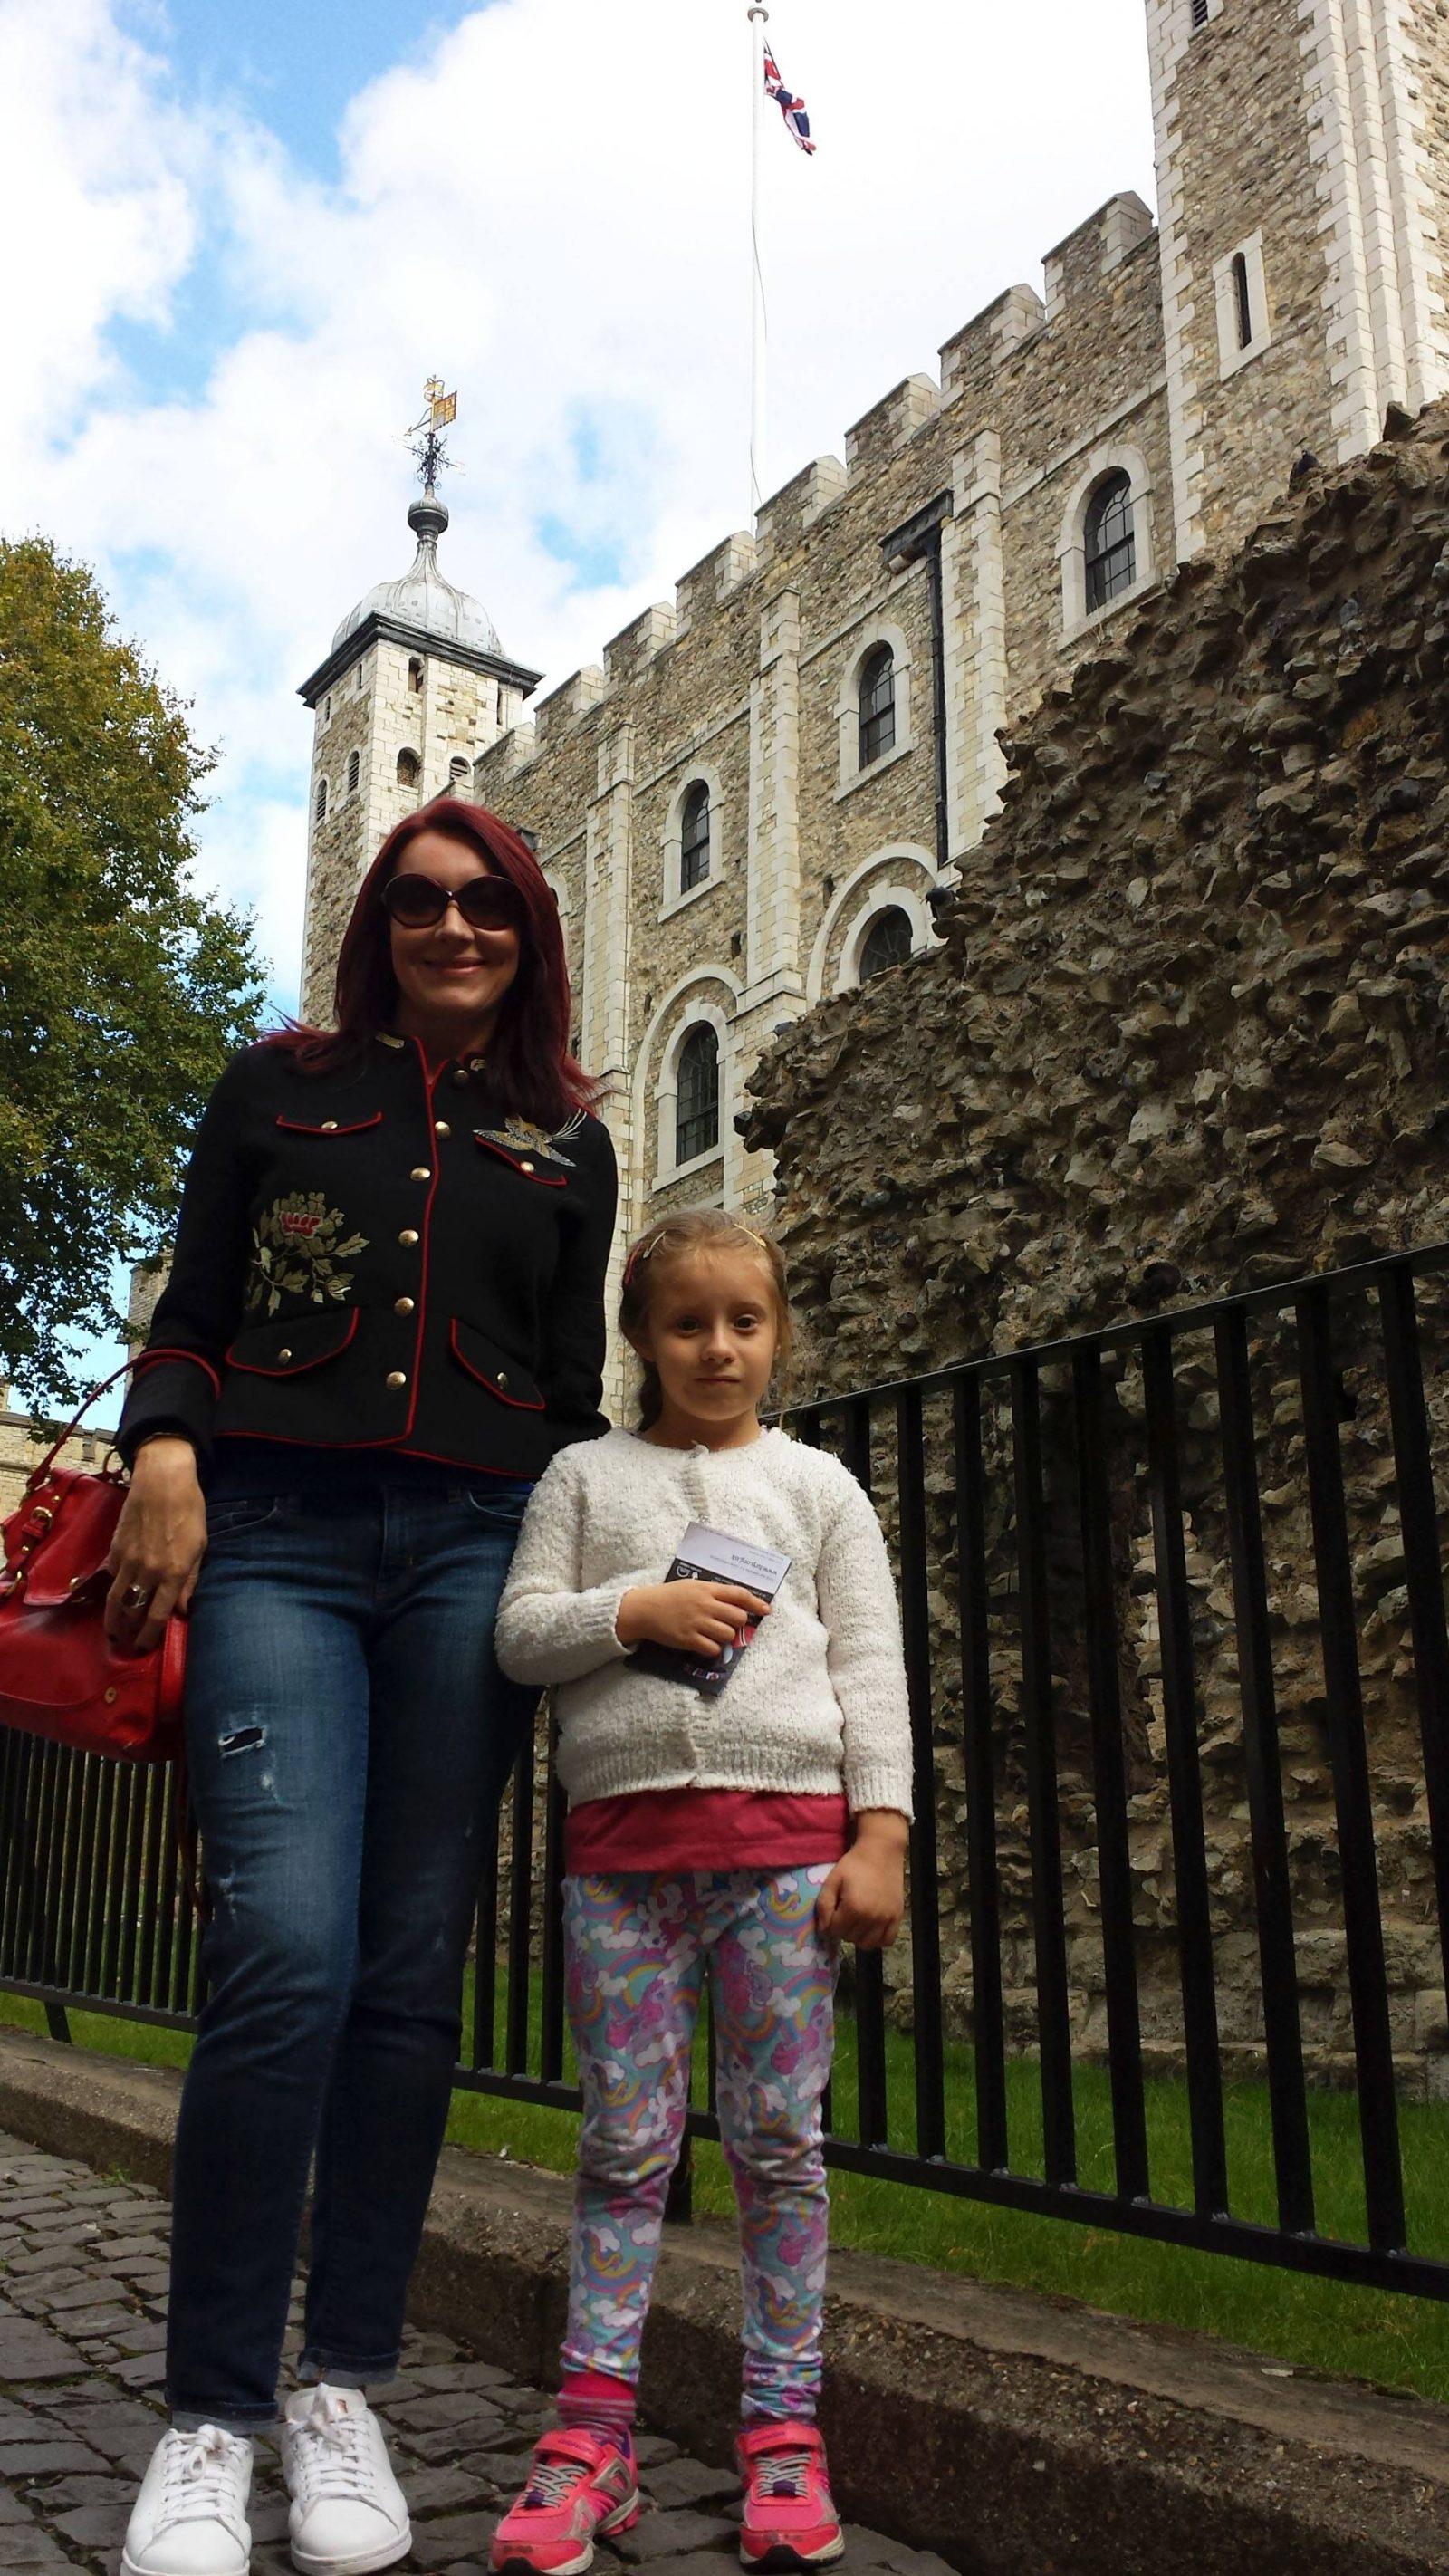 Weekend in London Tower of London